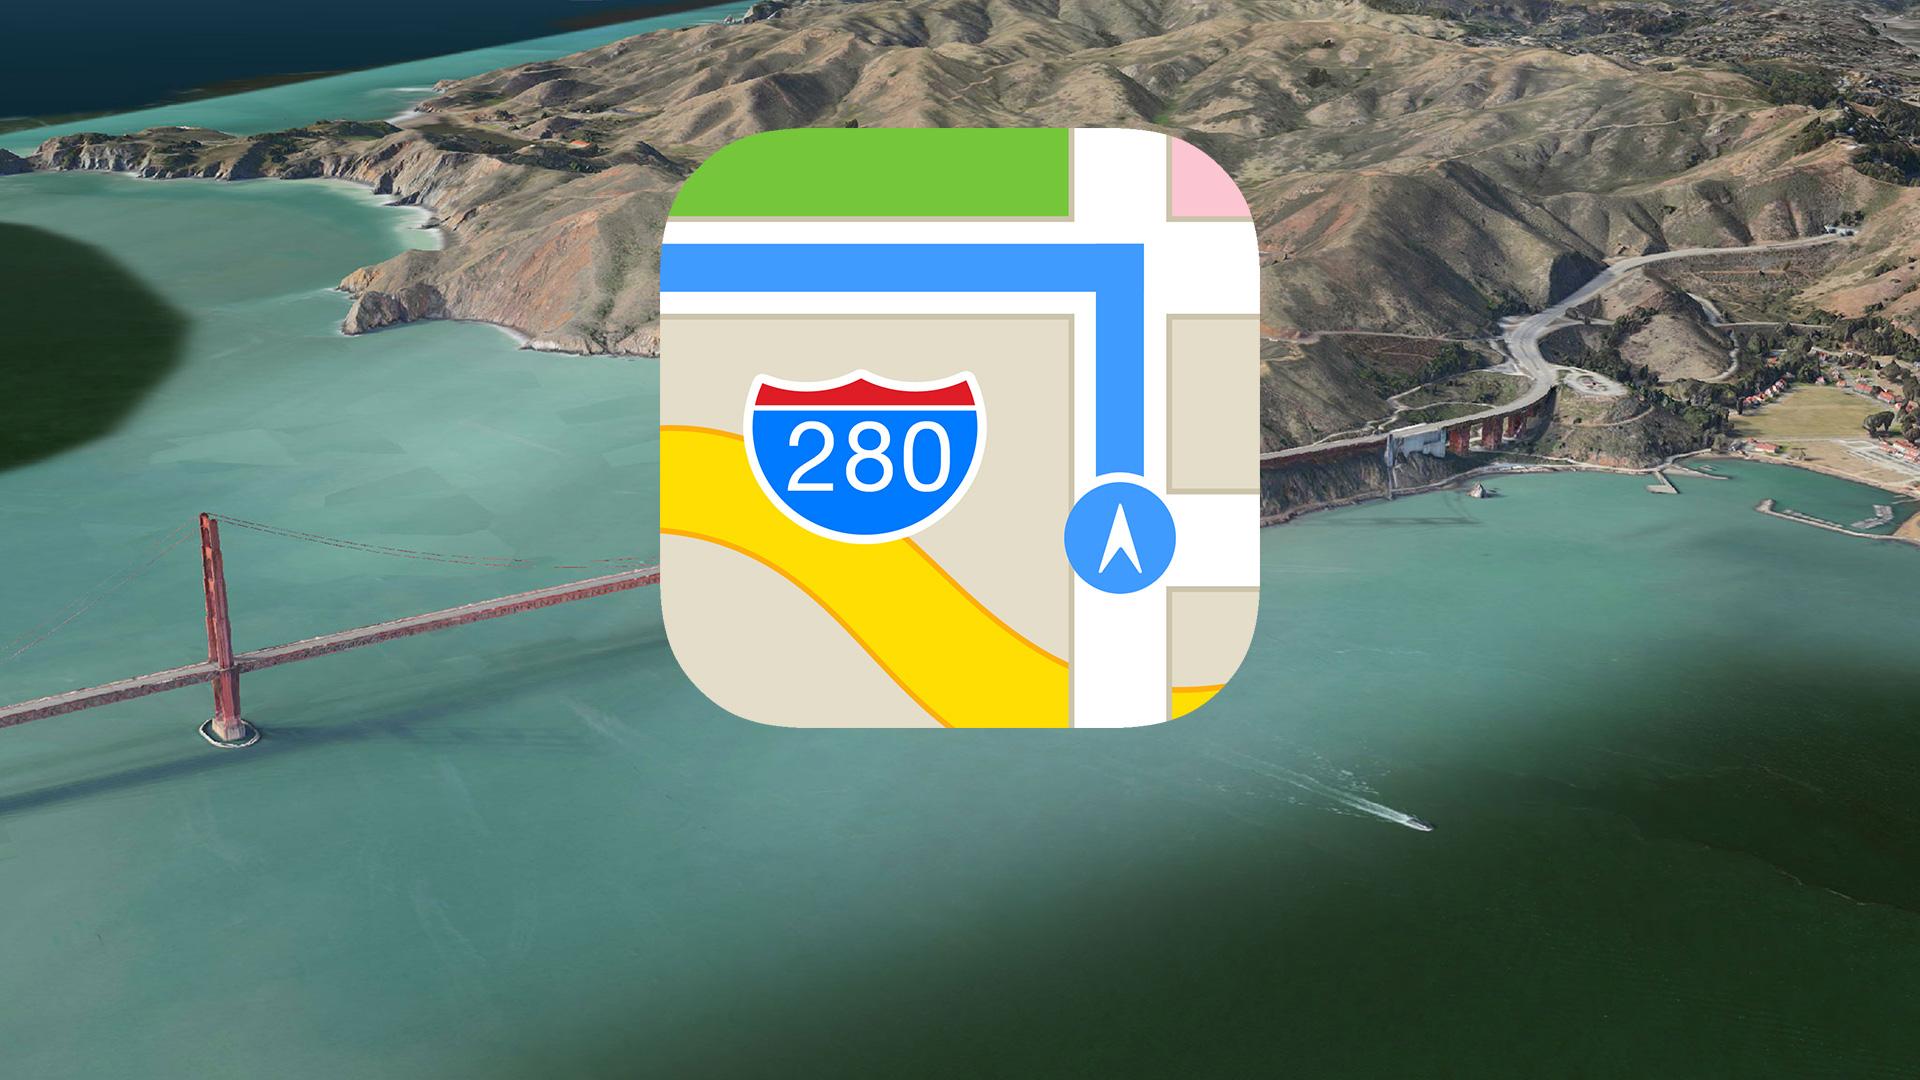 Apple Maps tendrá nuevas funcionalidades en IOS 9 que Google Maps no tiene